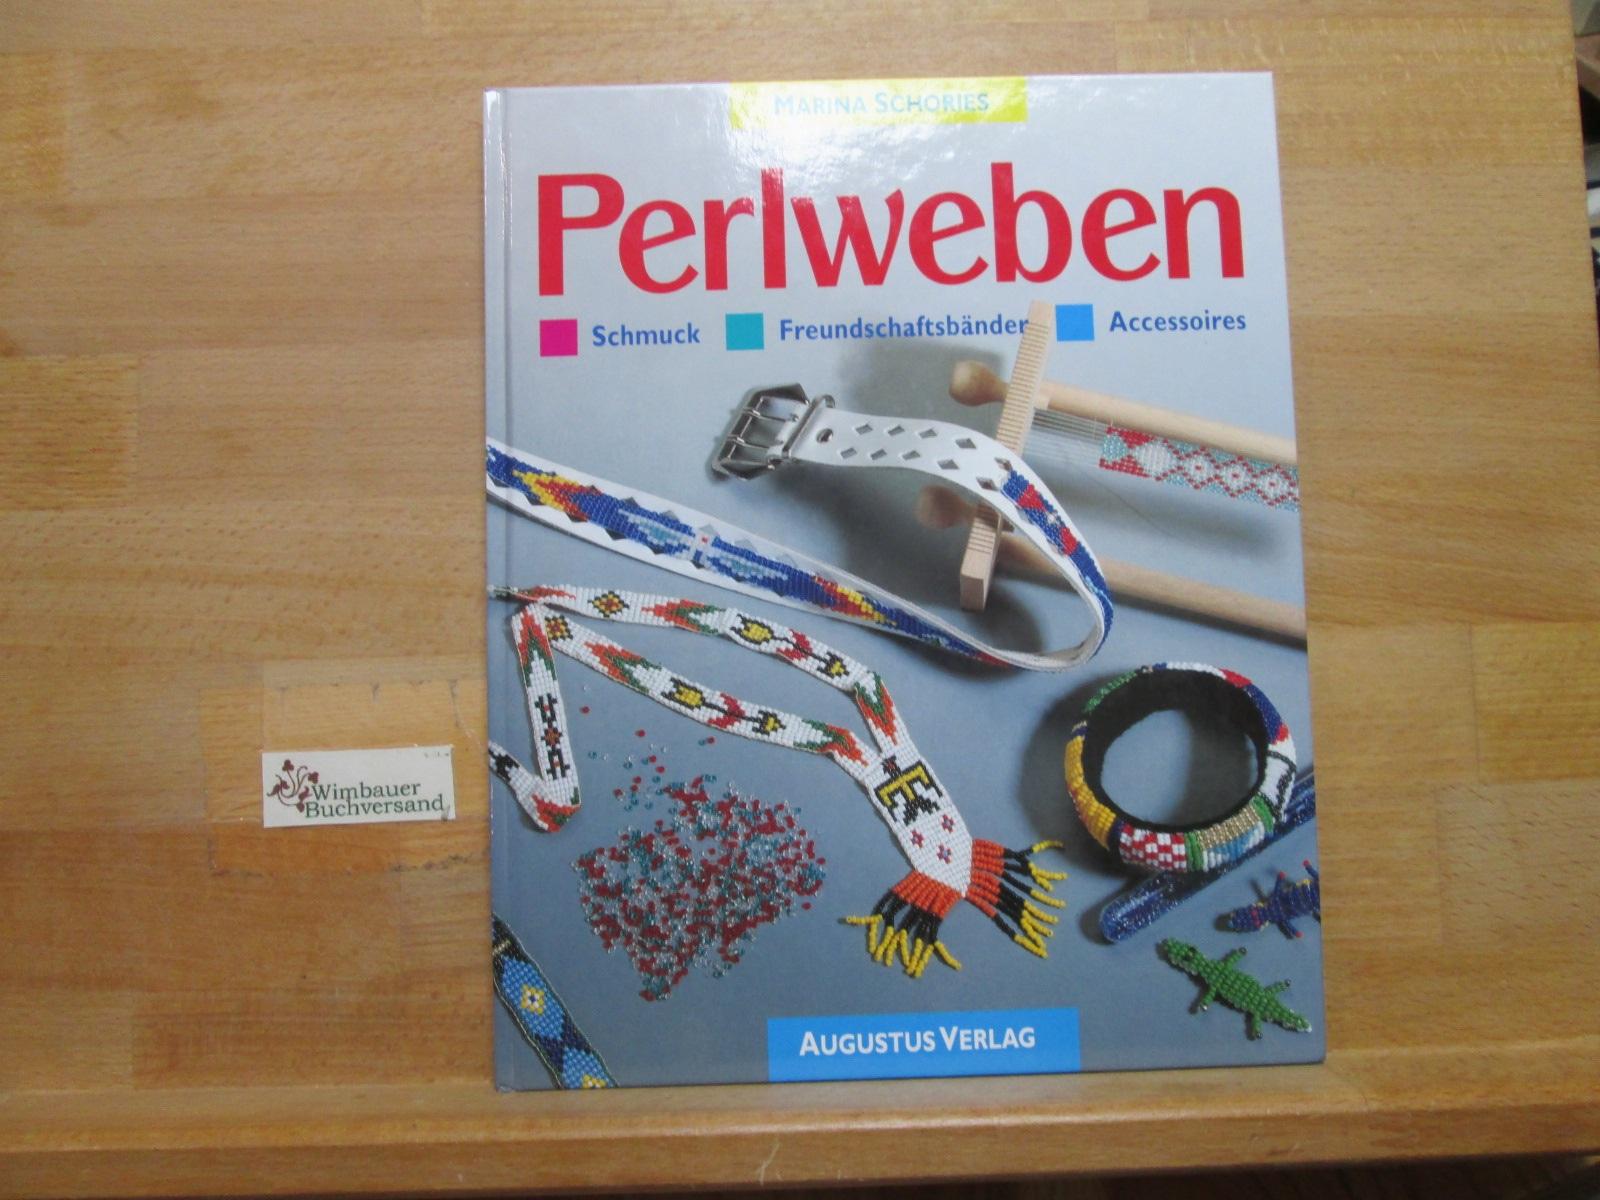 Perlweben : Schmuck, Freundschaftsbänder, Accessoires.